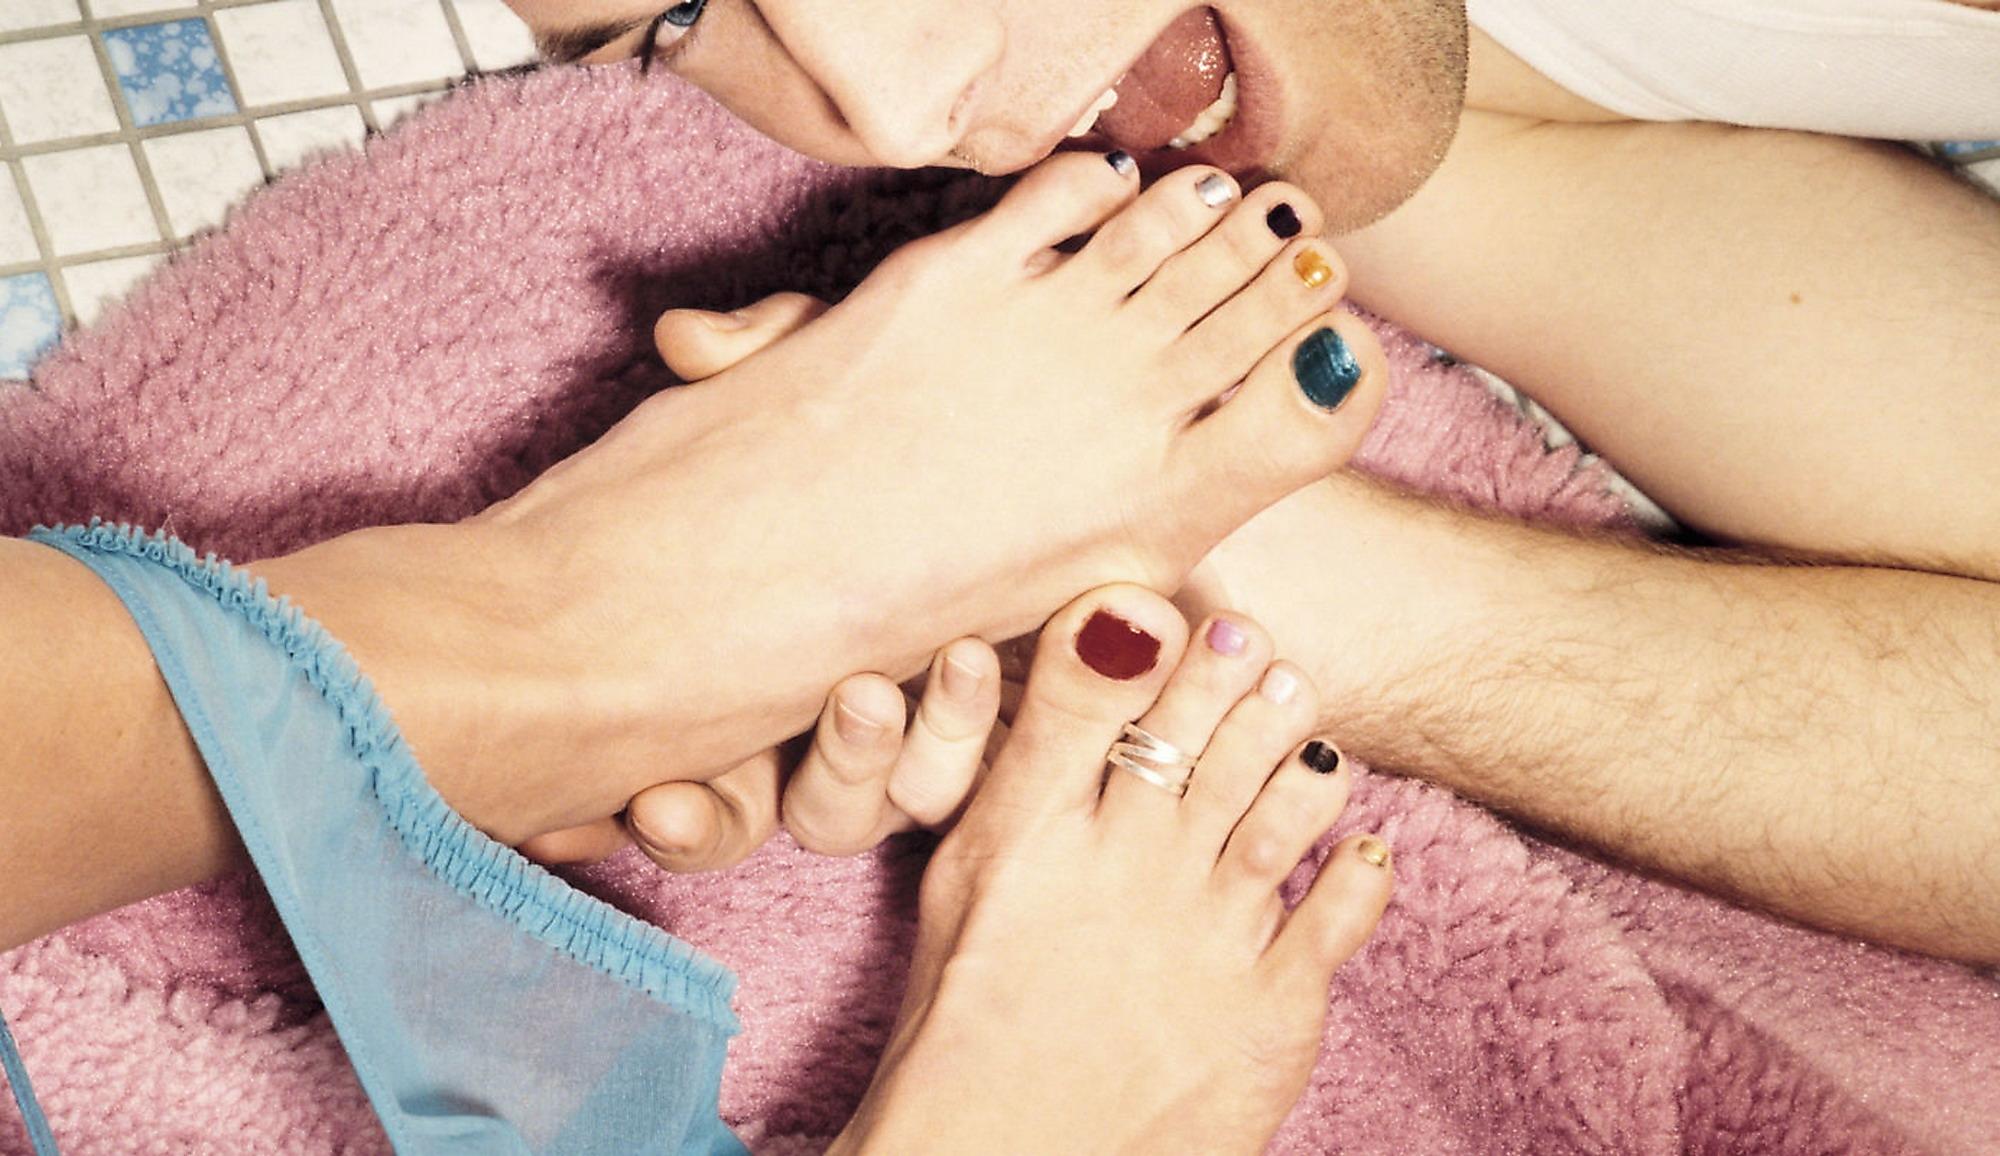 consigli per il sesso massaggio erotico piedi